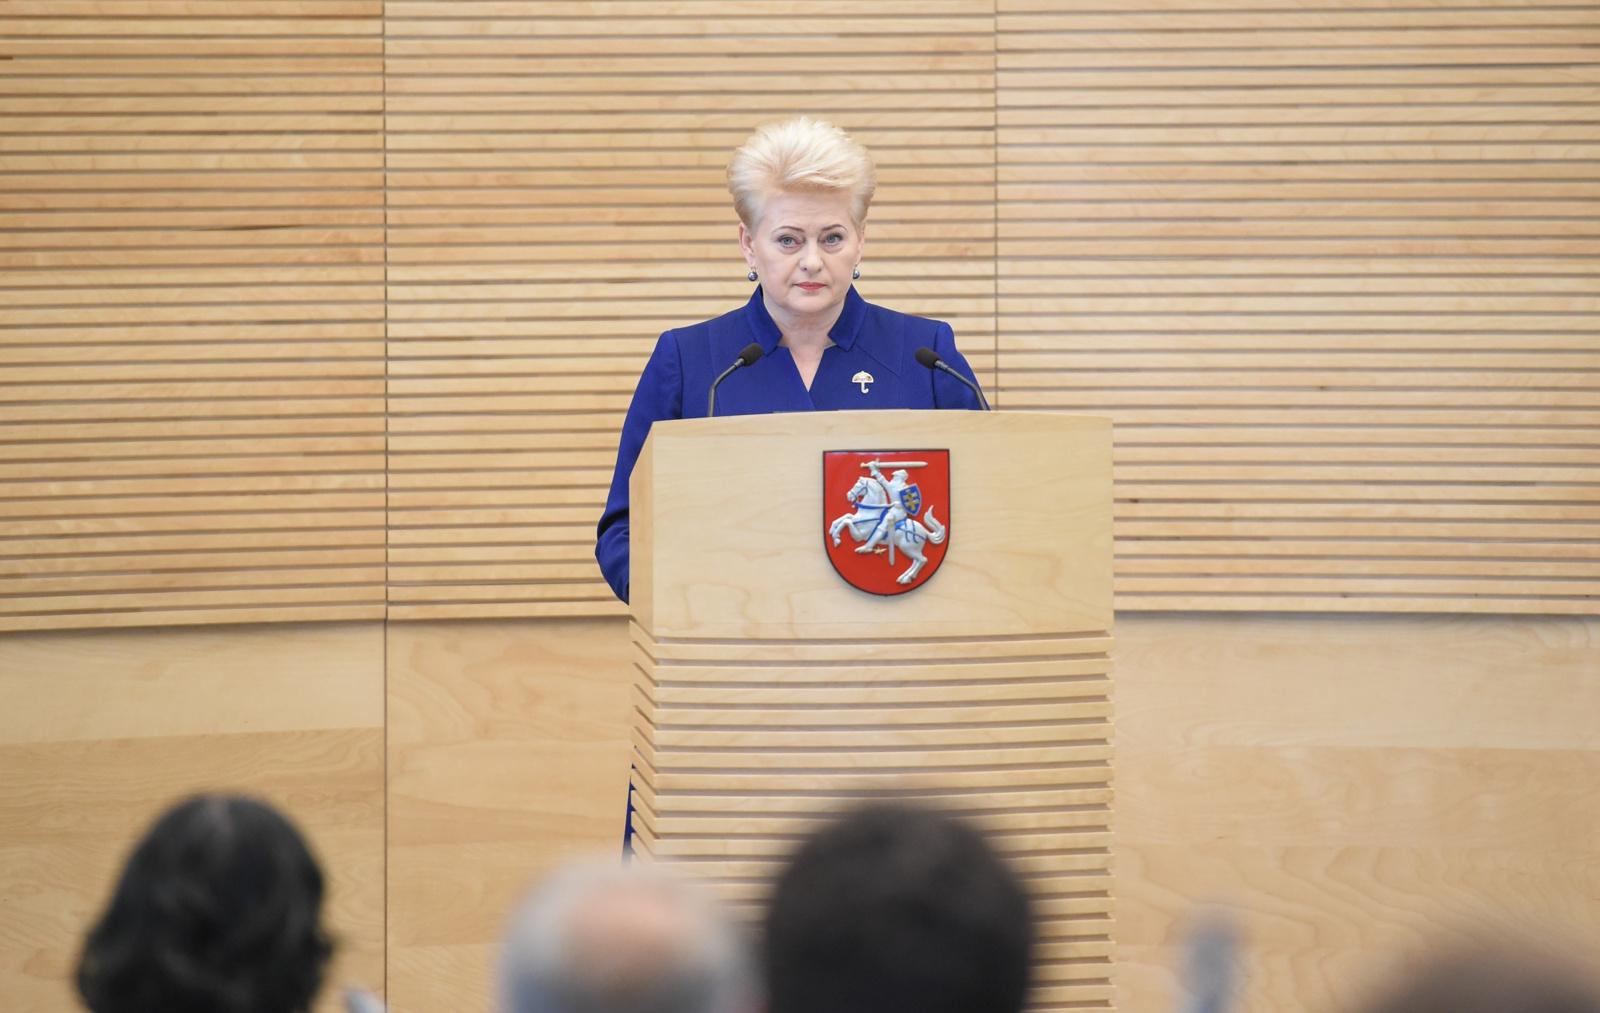 Įtakingiausių šalies politikų sąrašo trejete - D.Grybauskaitė, S.Skvernelis ir R.Karbauskis